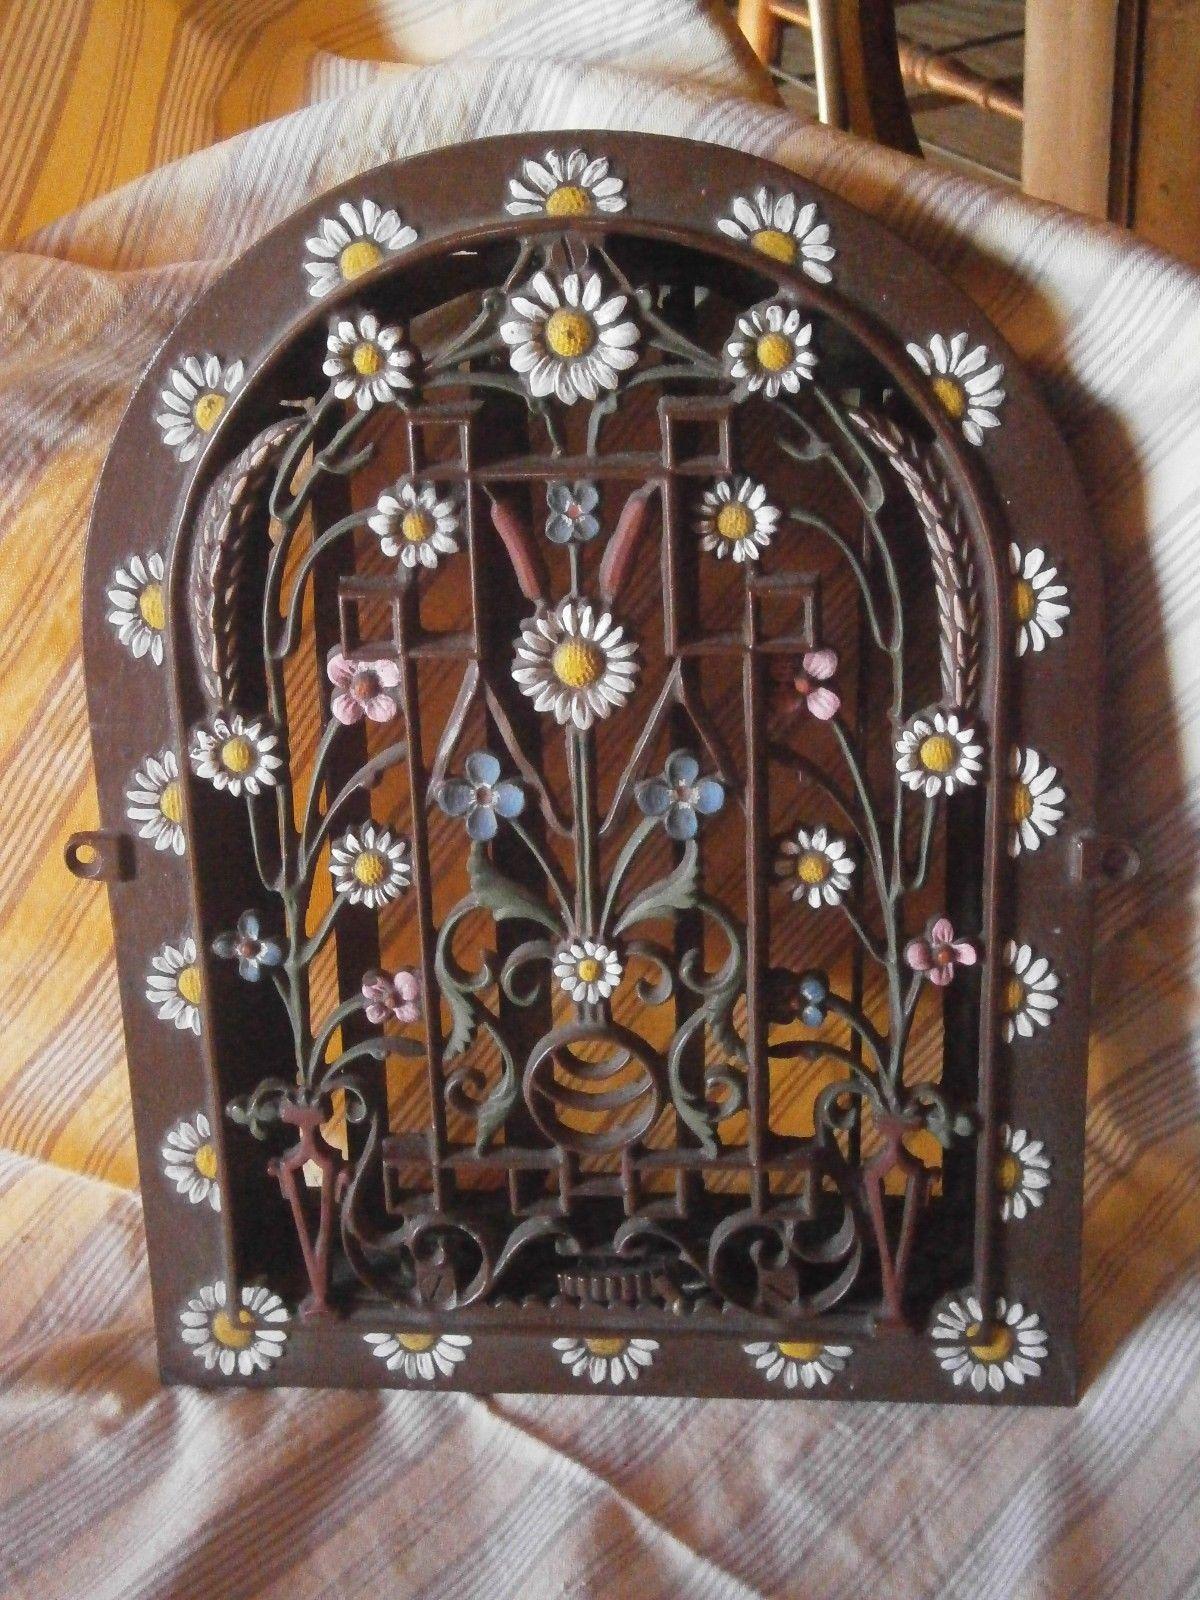 Decorative Grates Registers Details About Antique Cast Iron Heat Register Arch Top Decorative